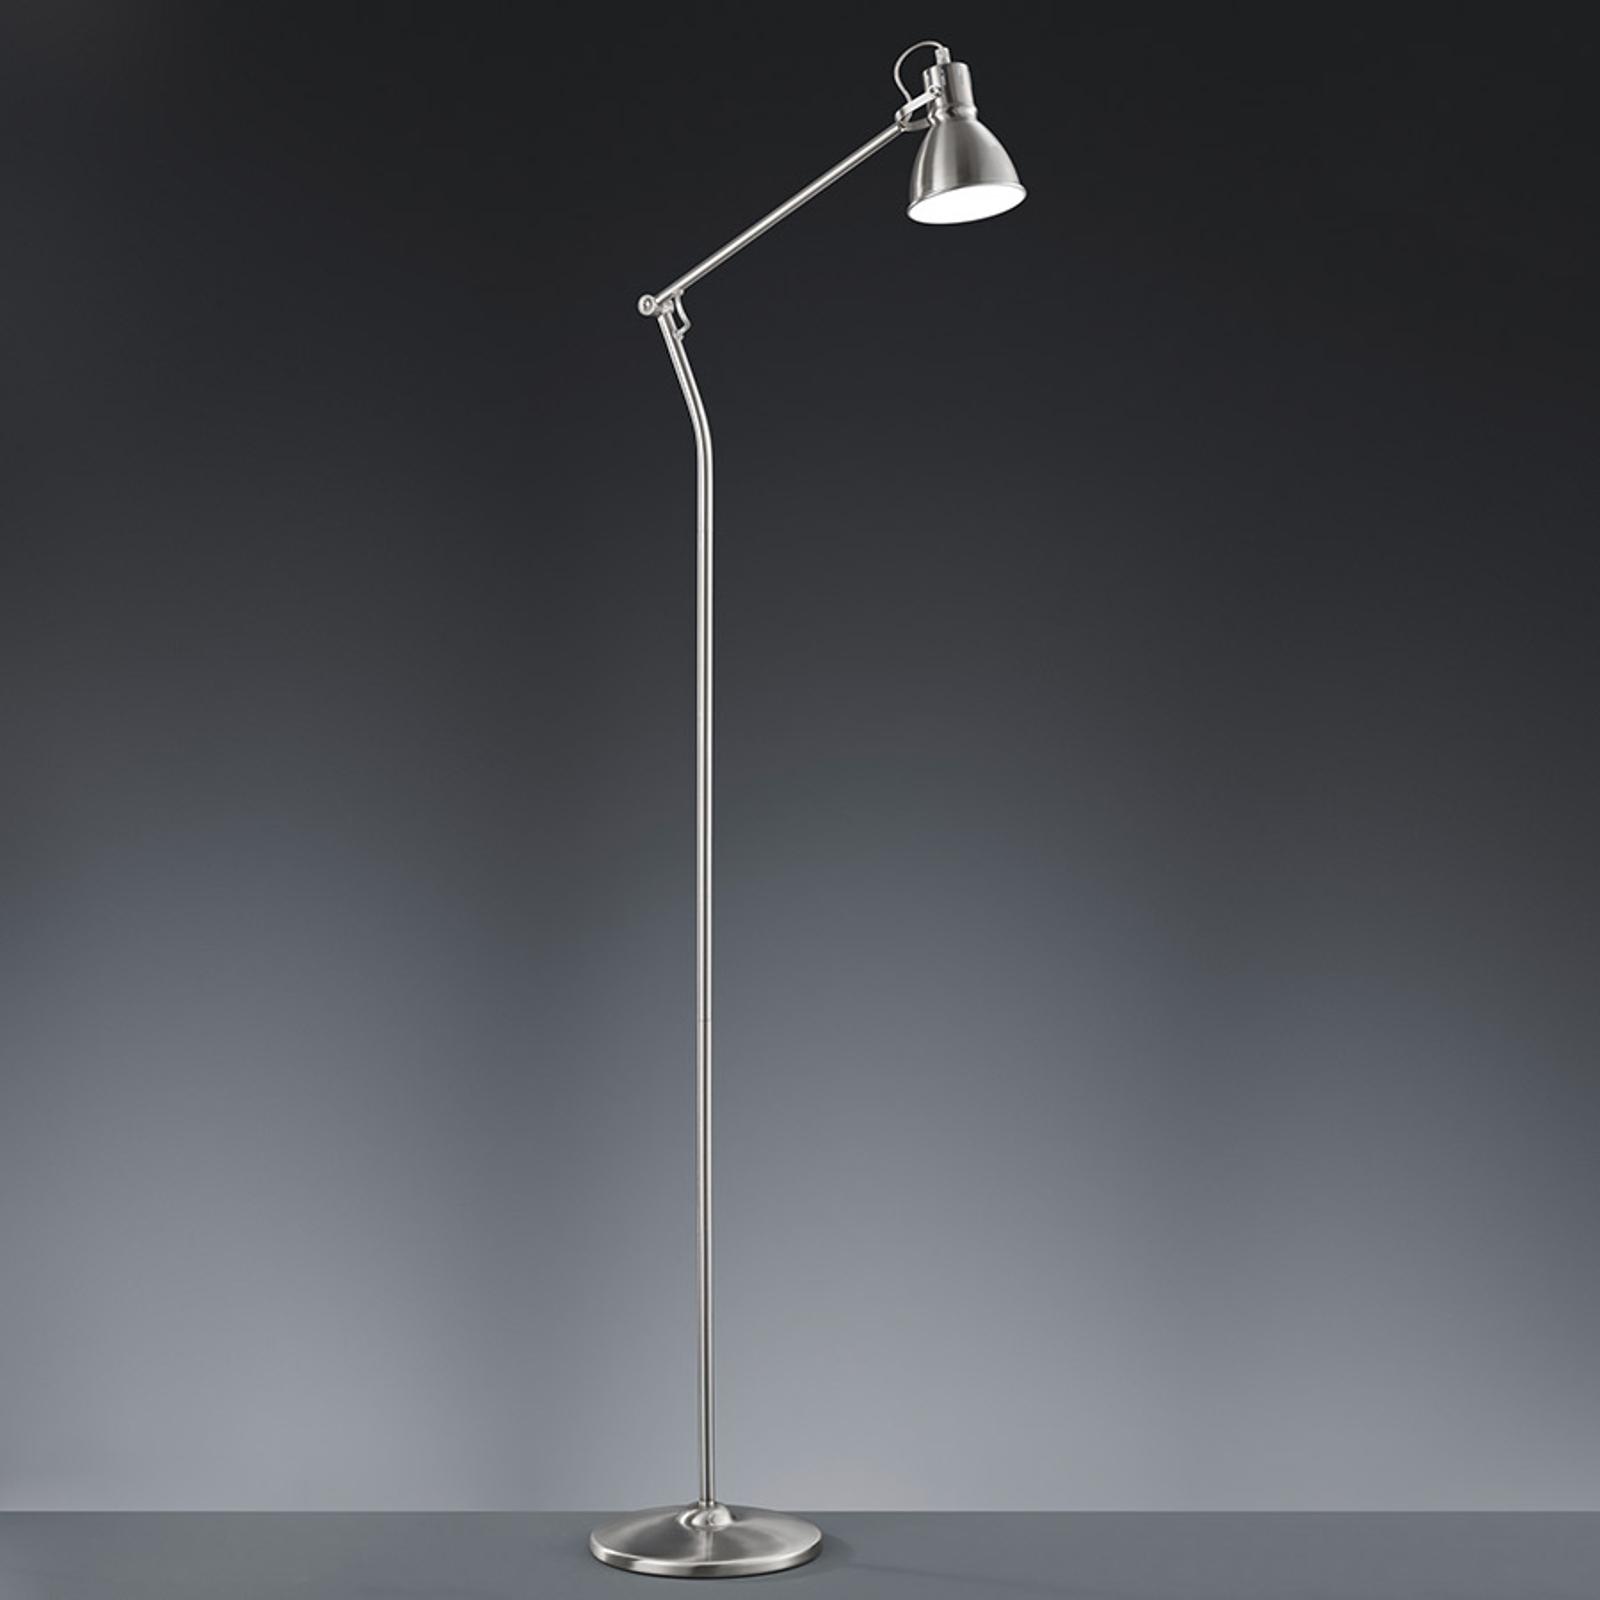 Lampa stojąca Keali - matowy nikiel